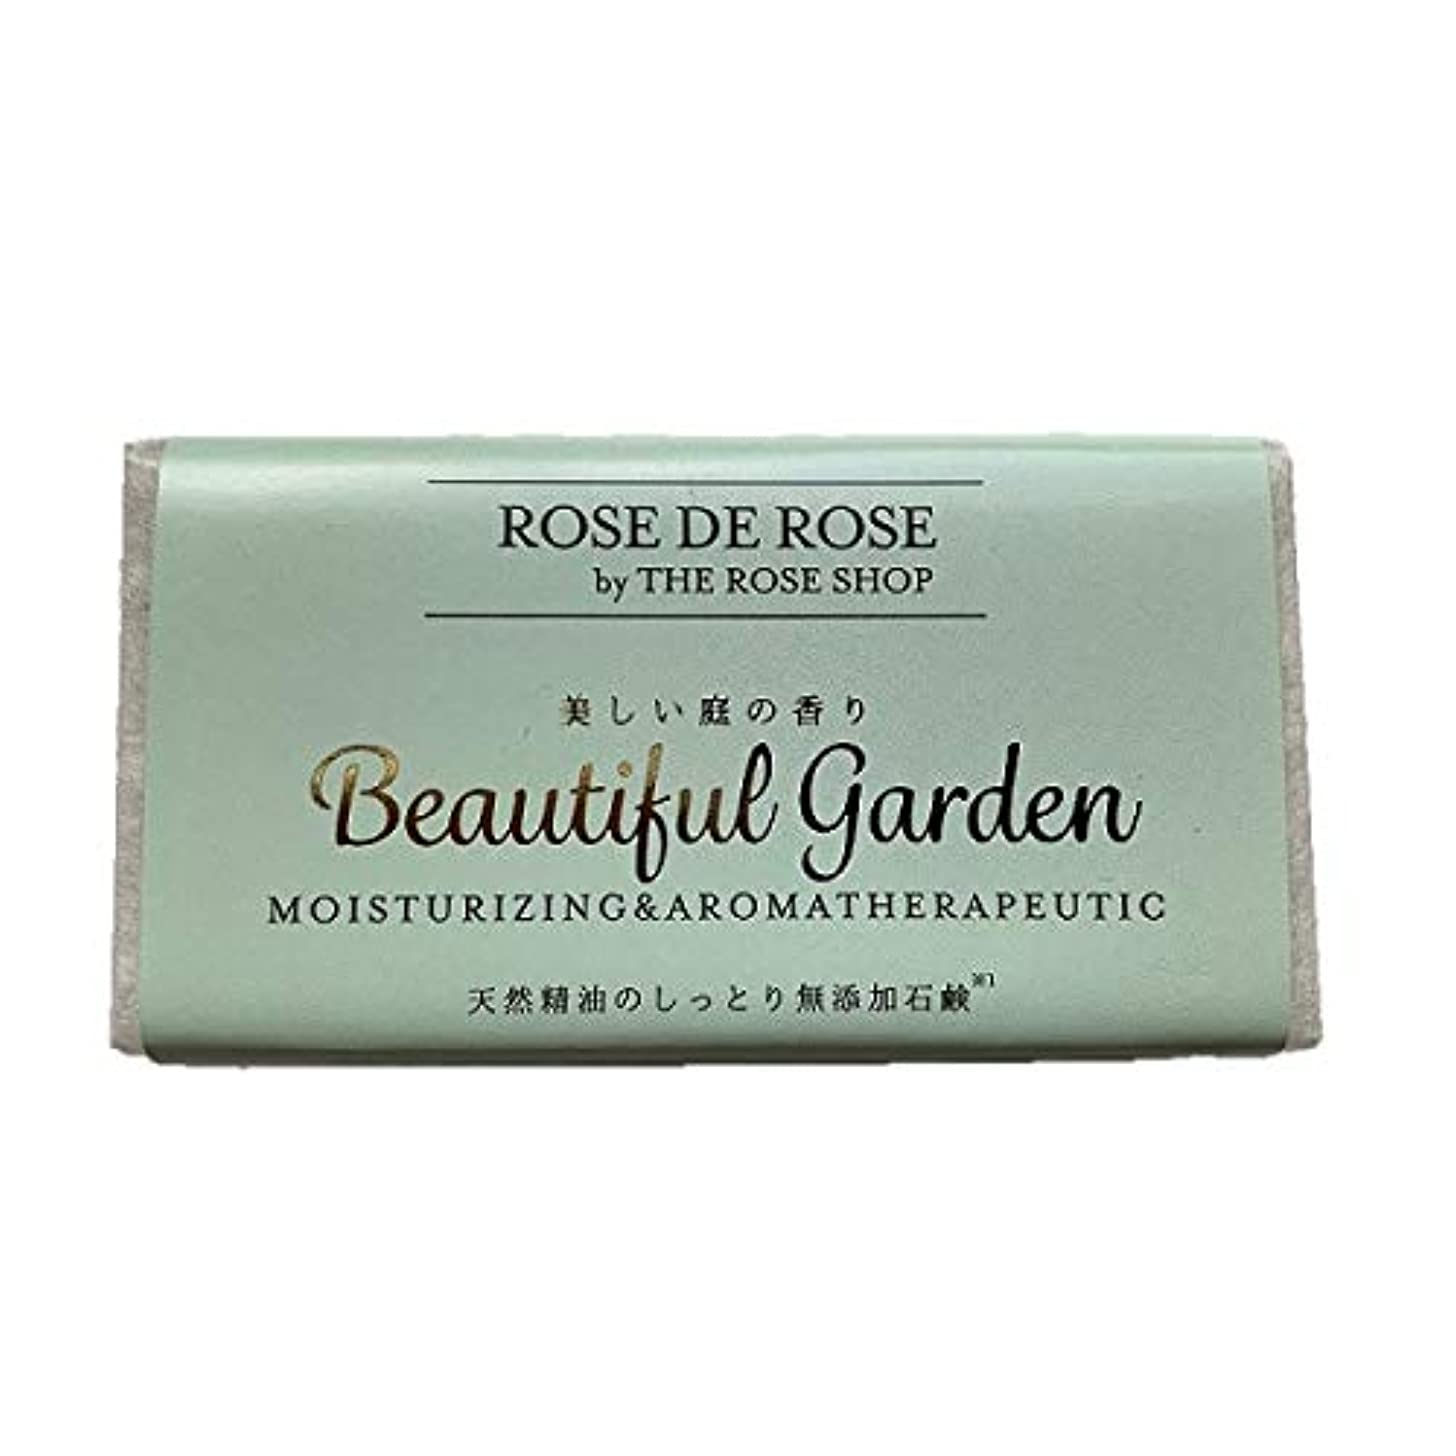 ナインへブルジョン食べる天然精油の無添加石鹸 「美しい庭の香り ビューティフルガーデン」3個セット